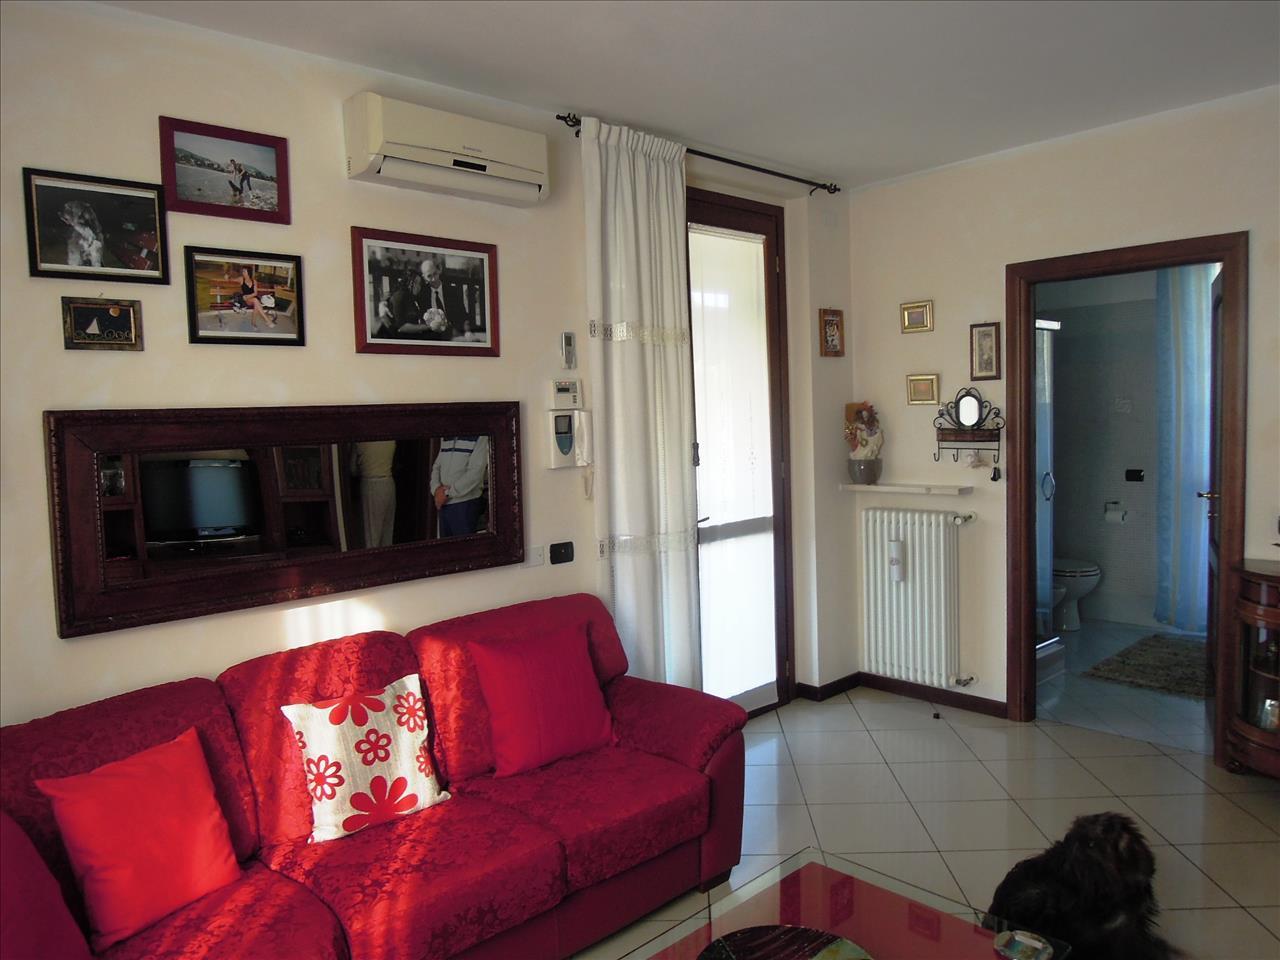 Villa a Schiera in vendita a San Giorgio Piacentino, 3 locali, prezzo € 220.000 | CambioCasa.it